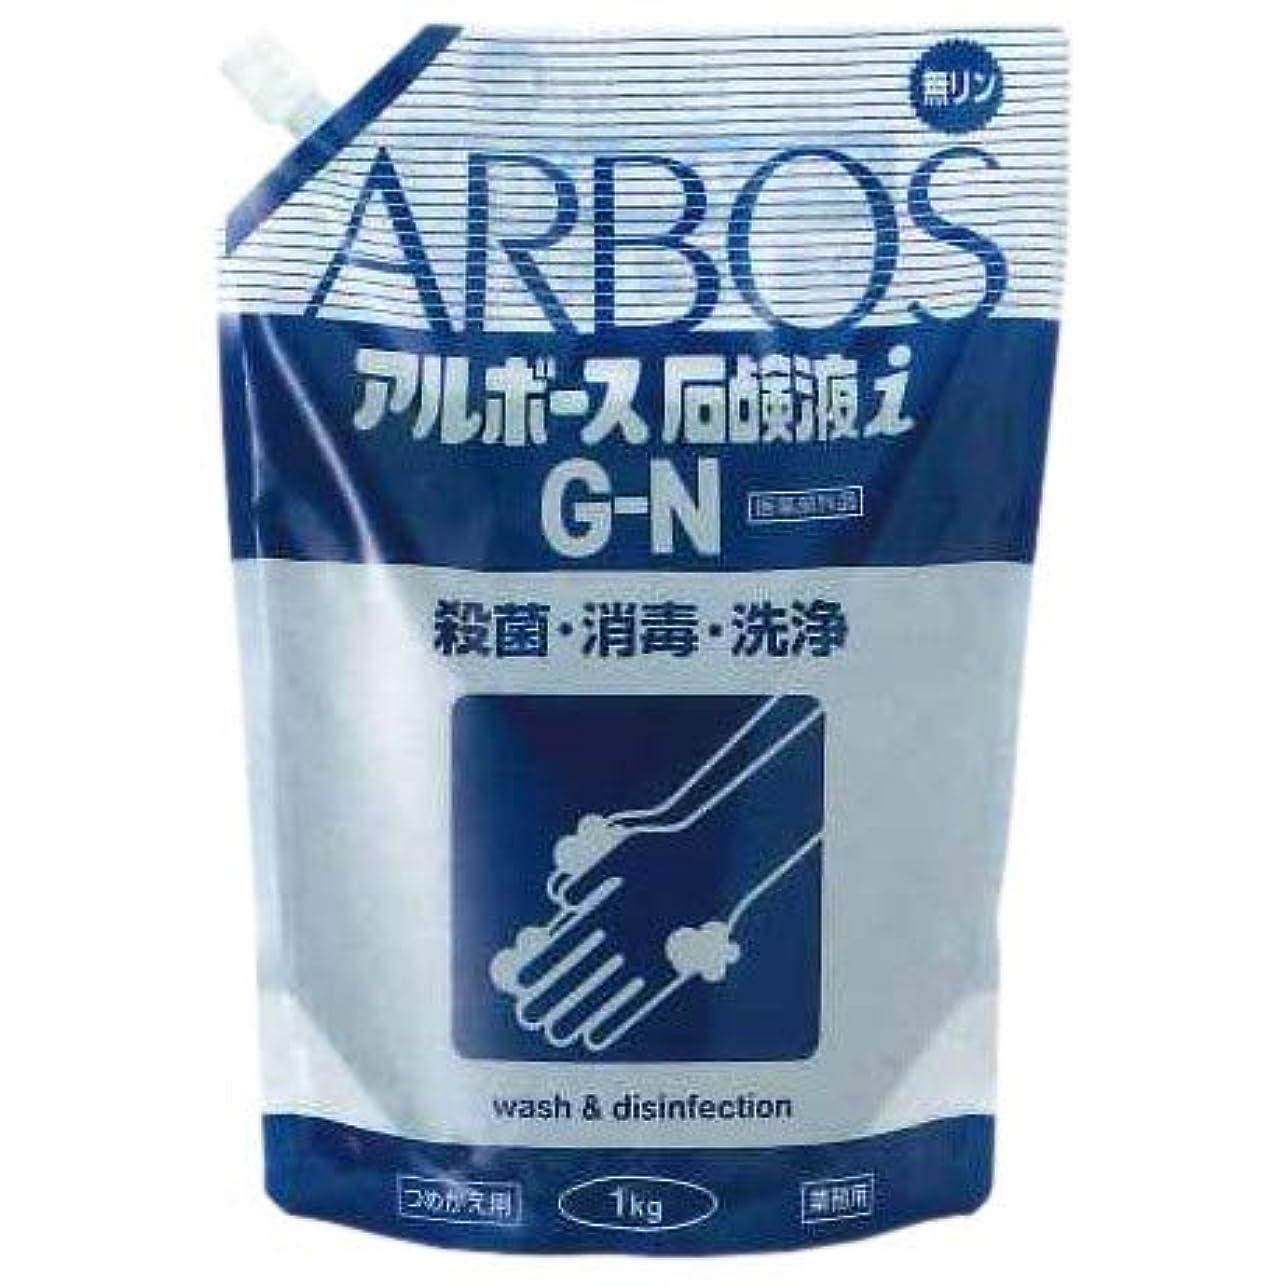 のスコアフィールドエンジニアアルボース 薬用ハンドソープ アルボース石鹸液i G-N 濃縮タイプ 1kg×18袋